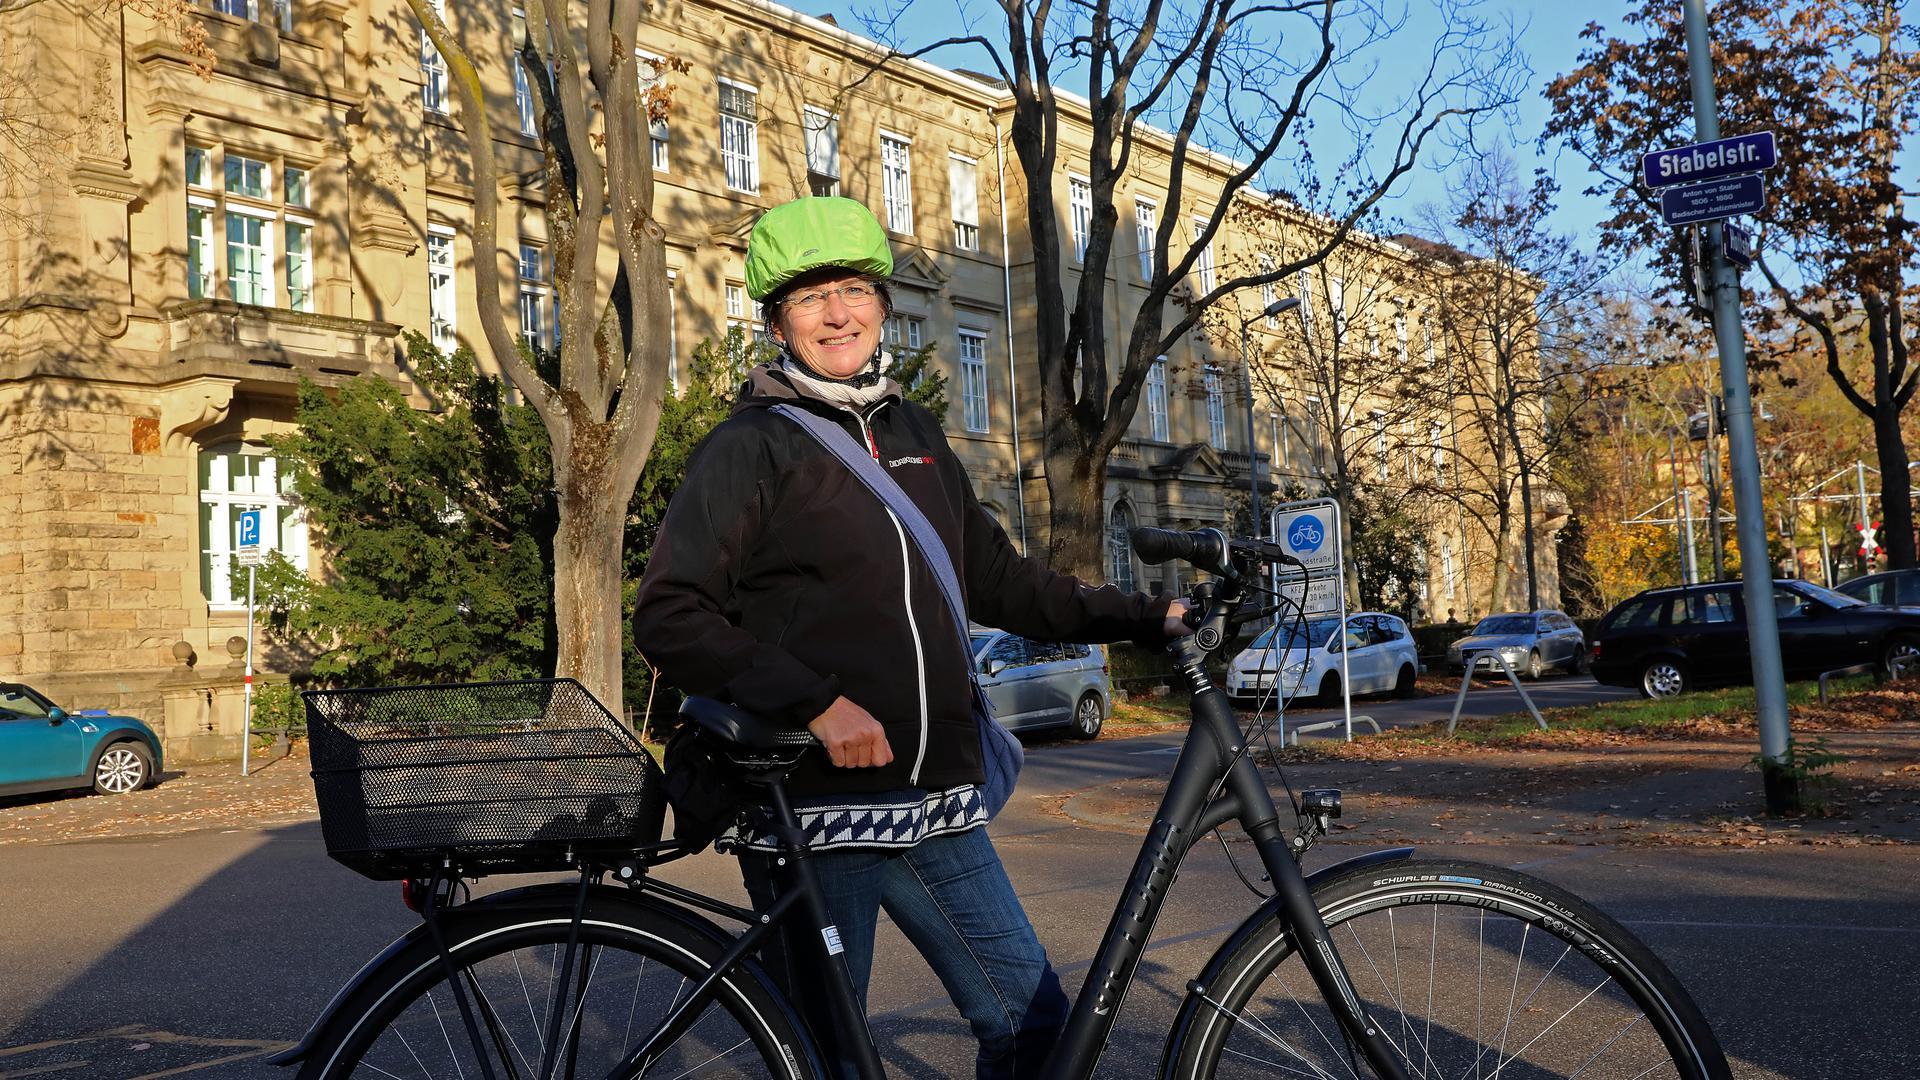 9.11.2020 Die Karlsruher Vielradlerin Kerstin Schmidt erklärt an der Ecke Hildapromenade/Stabelstraße Risiken für Kinder und Jugendliche, die mit dem Fahrrad zu den Schulen an Bismarck-, Seminar- und Moltkestraße unterwegs sind.